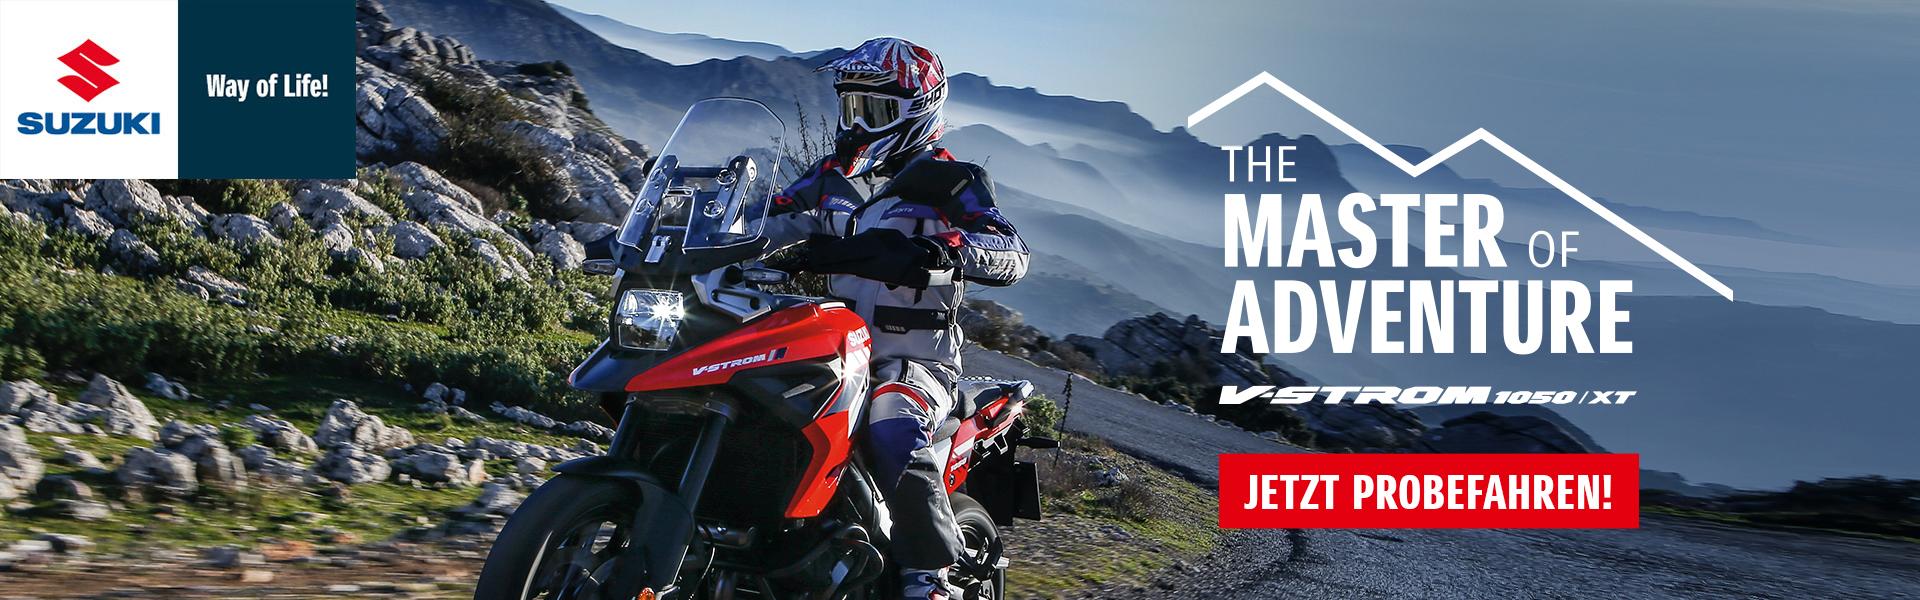 Suzuki Probefahren, Probrfahrt Motorrad